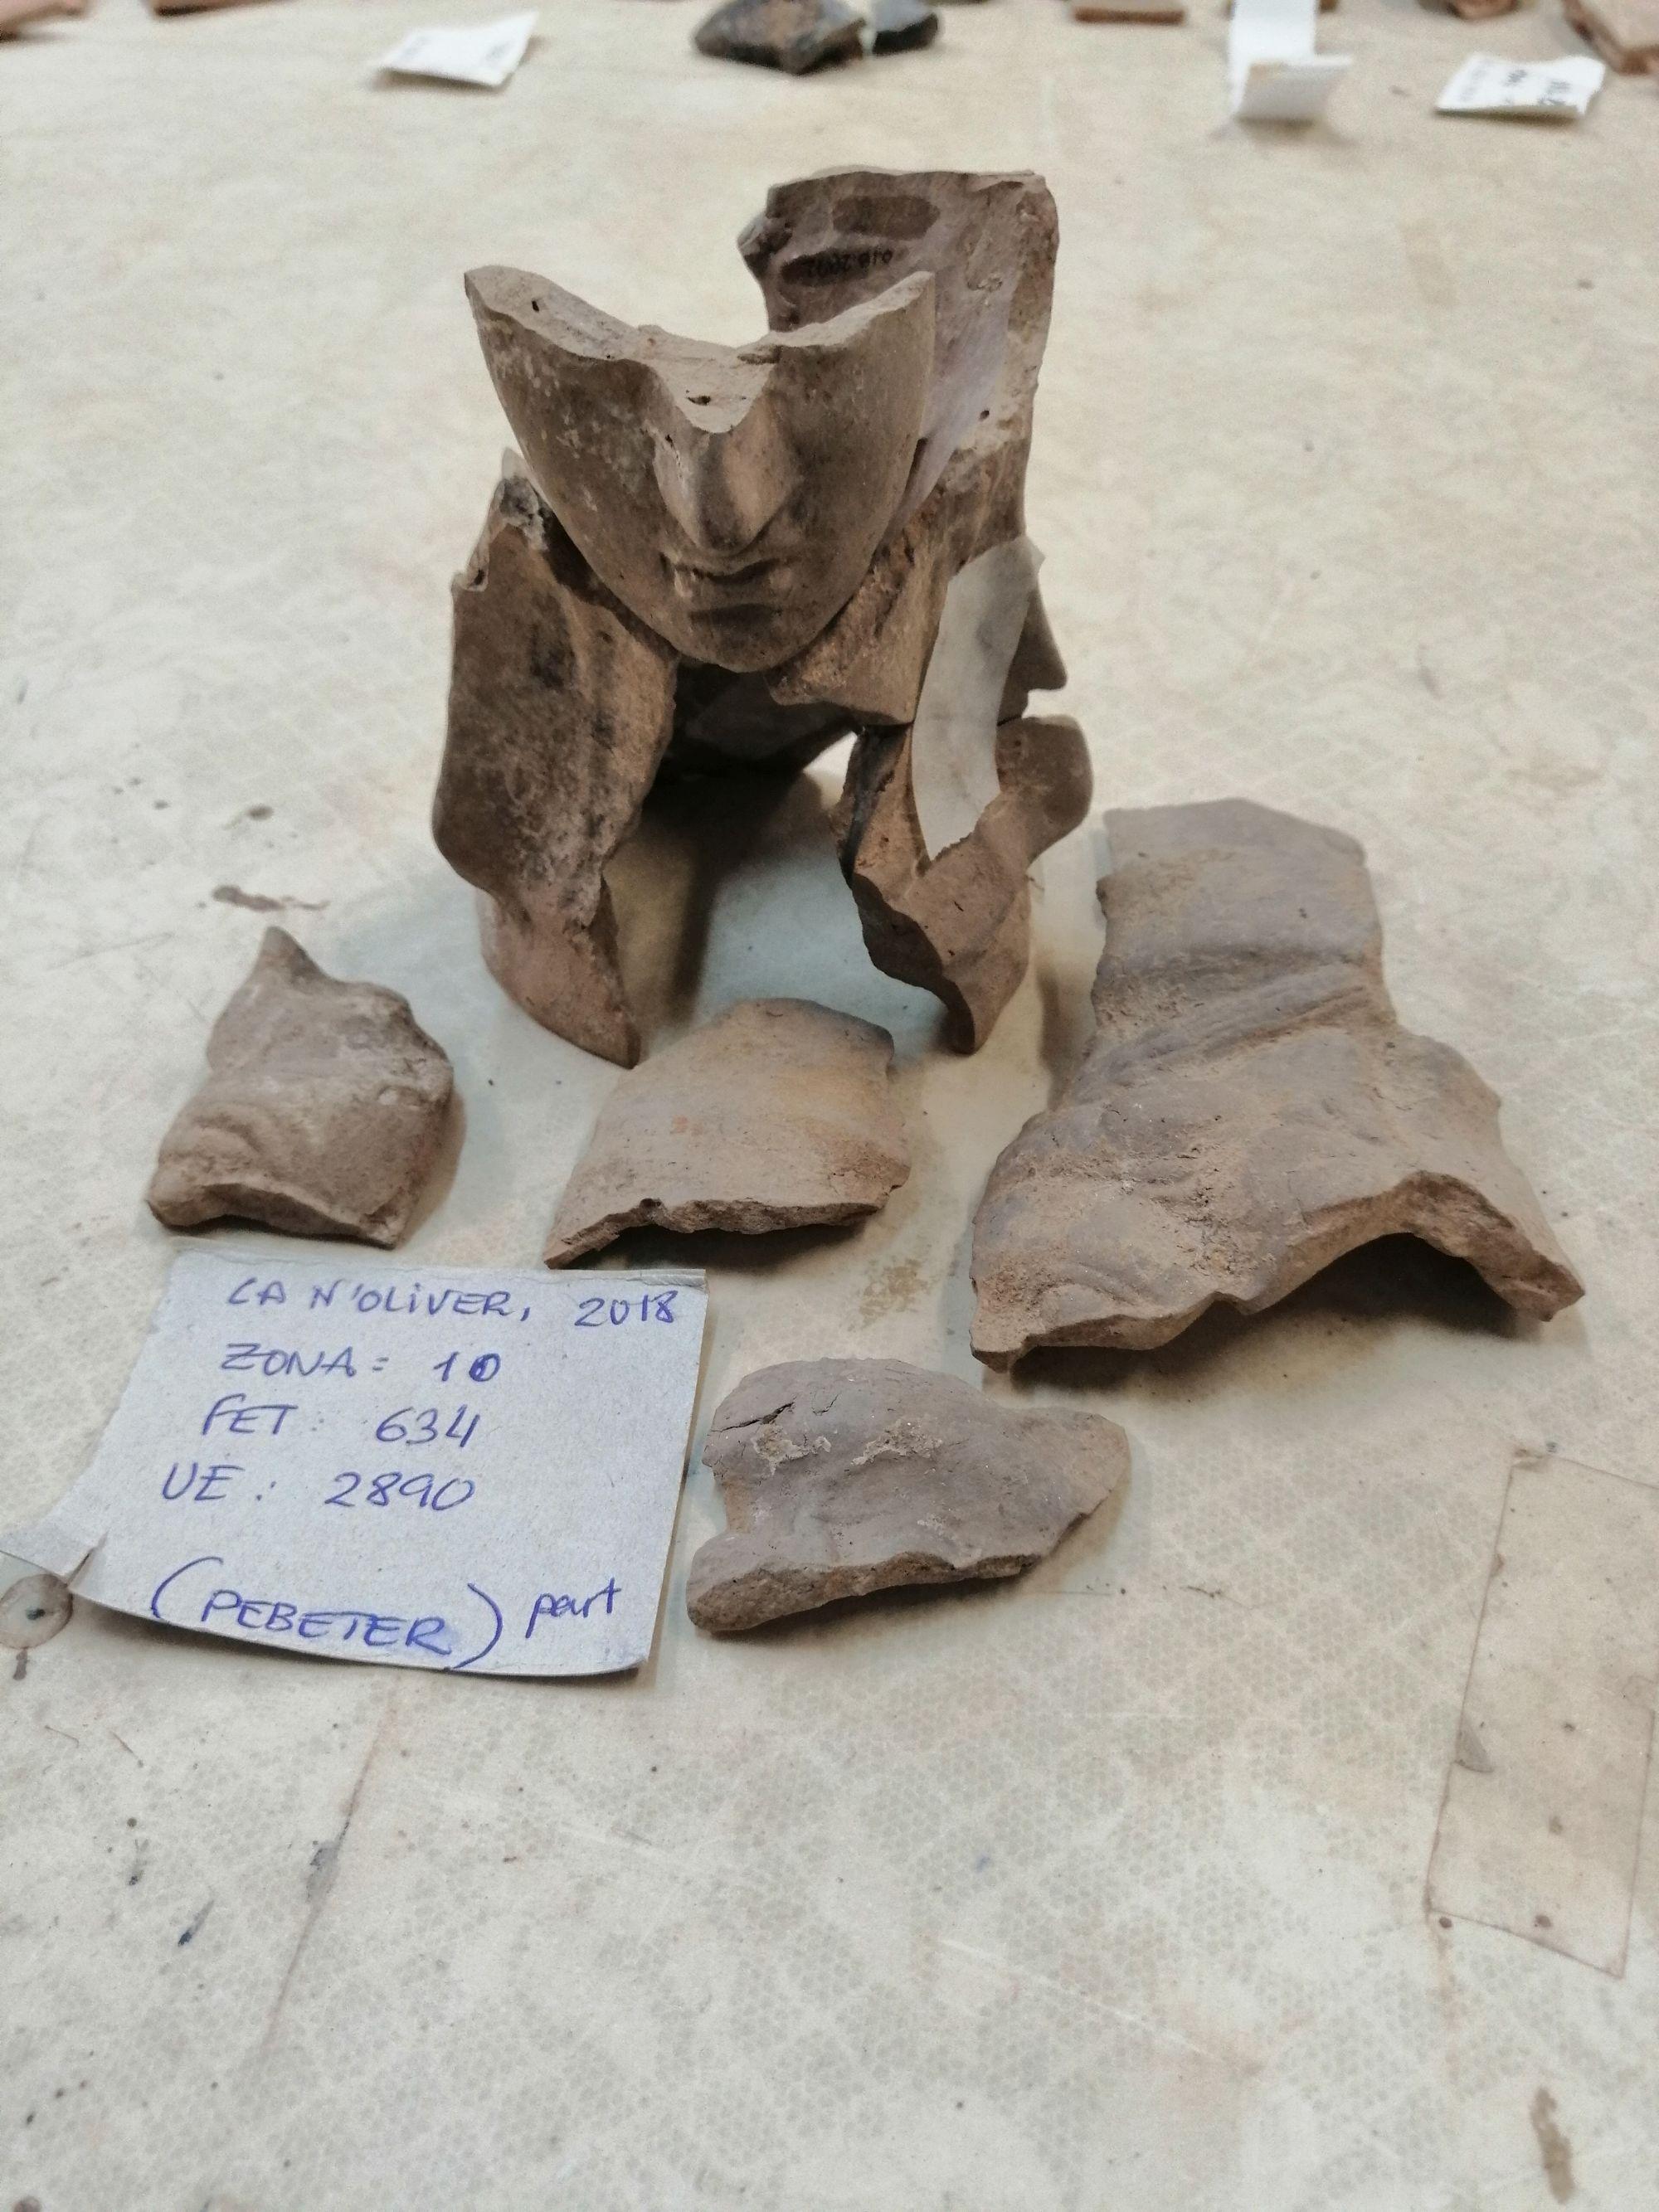 Troballa de fragments d'una terracota representant un cap femení que es relaciona amb la deessa Demeter/Tanit